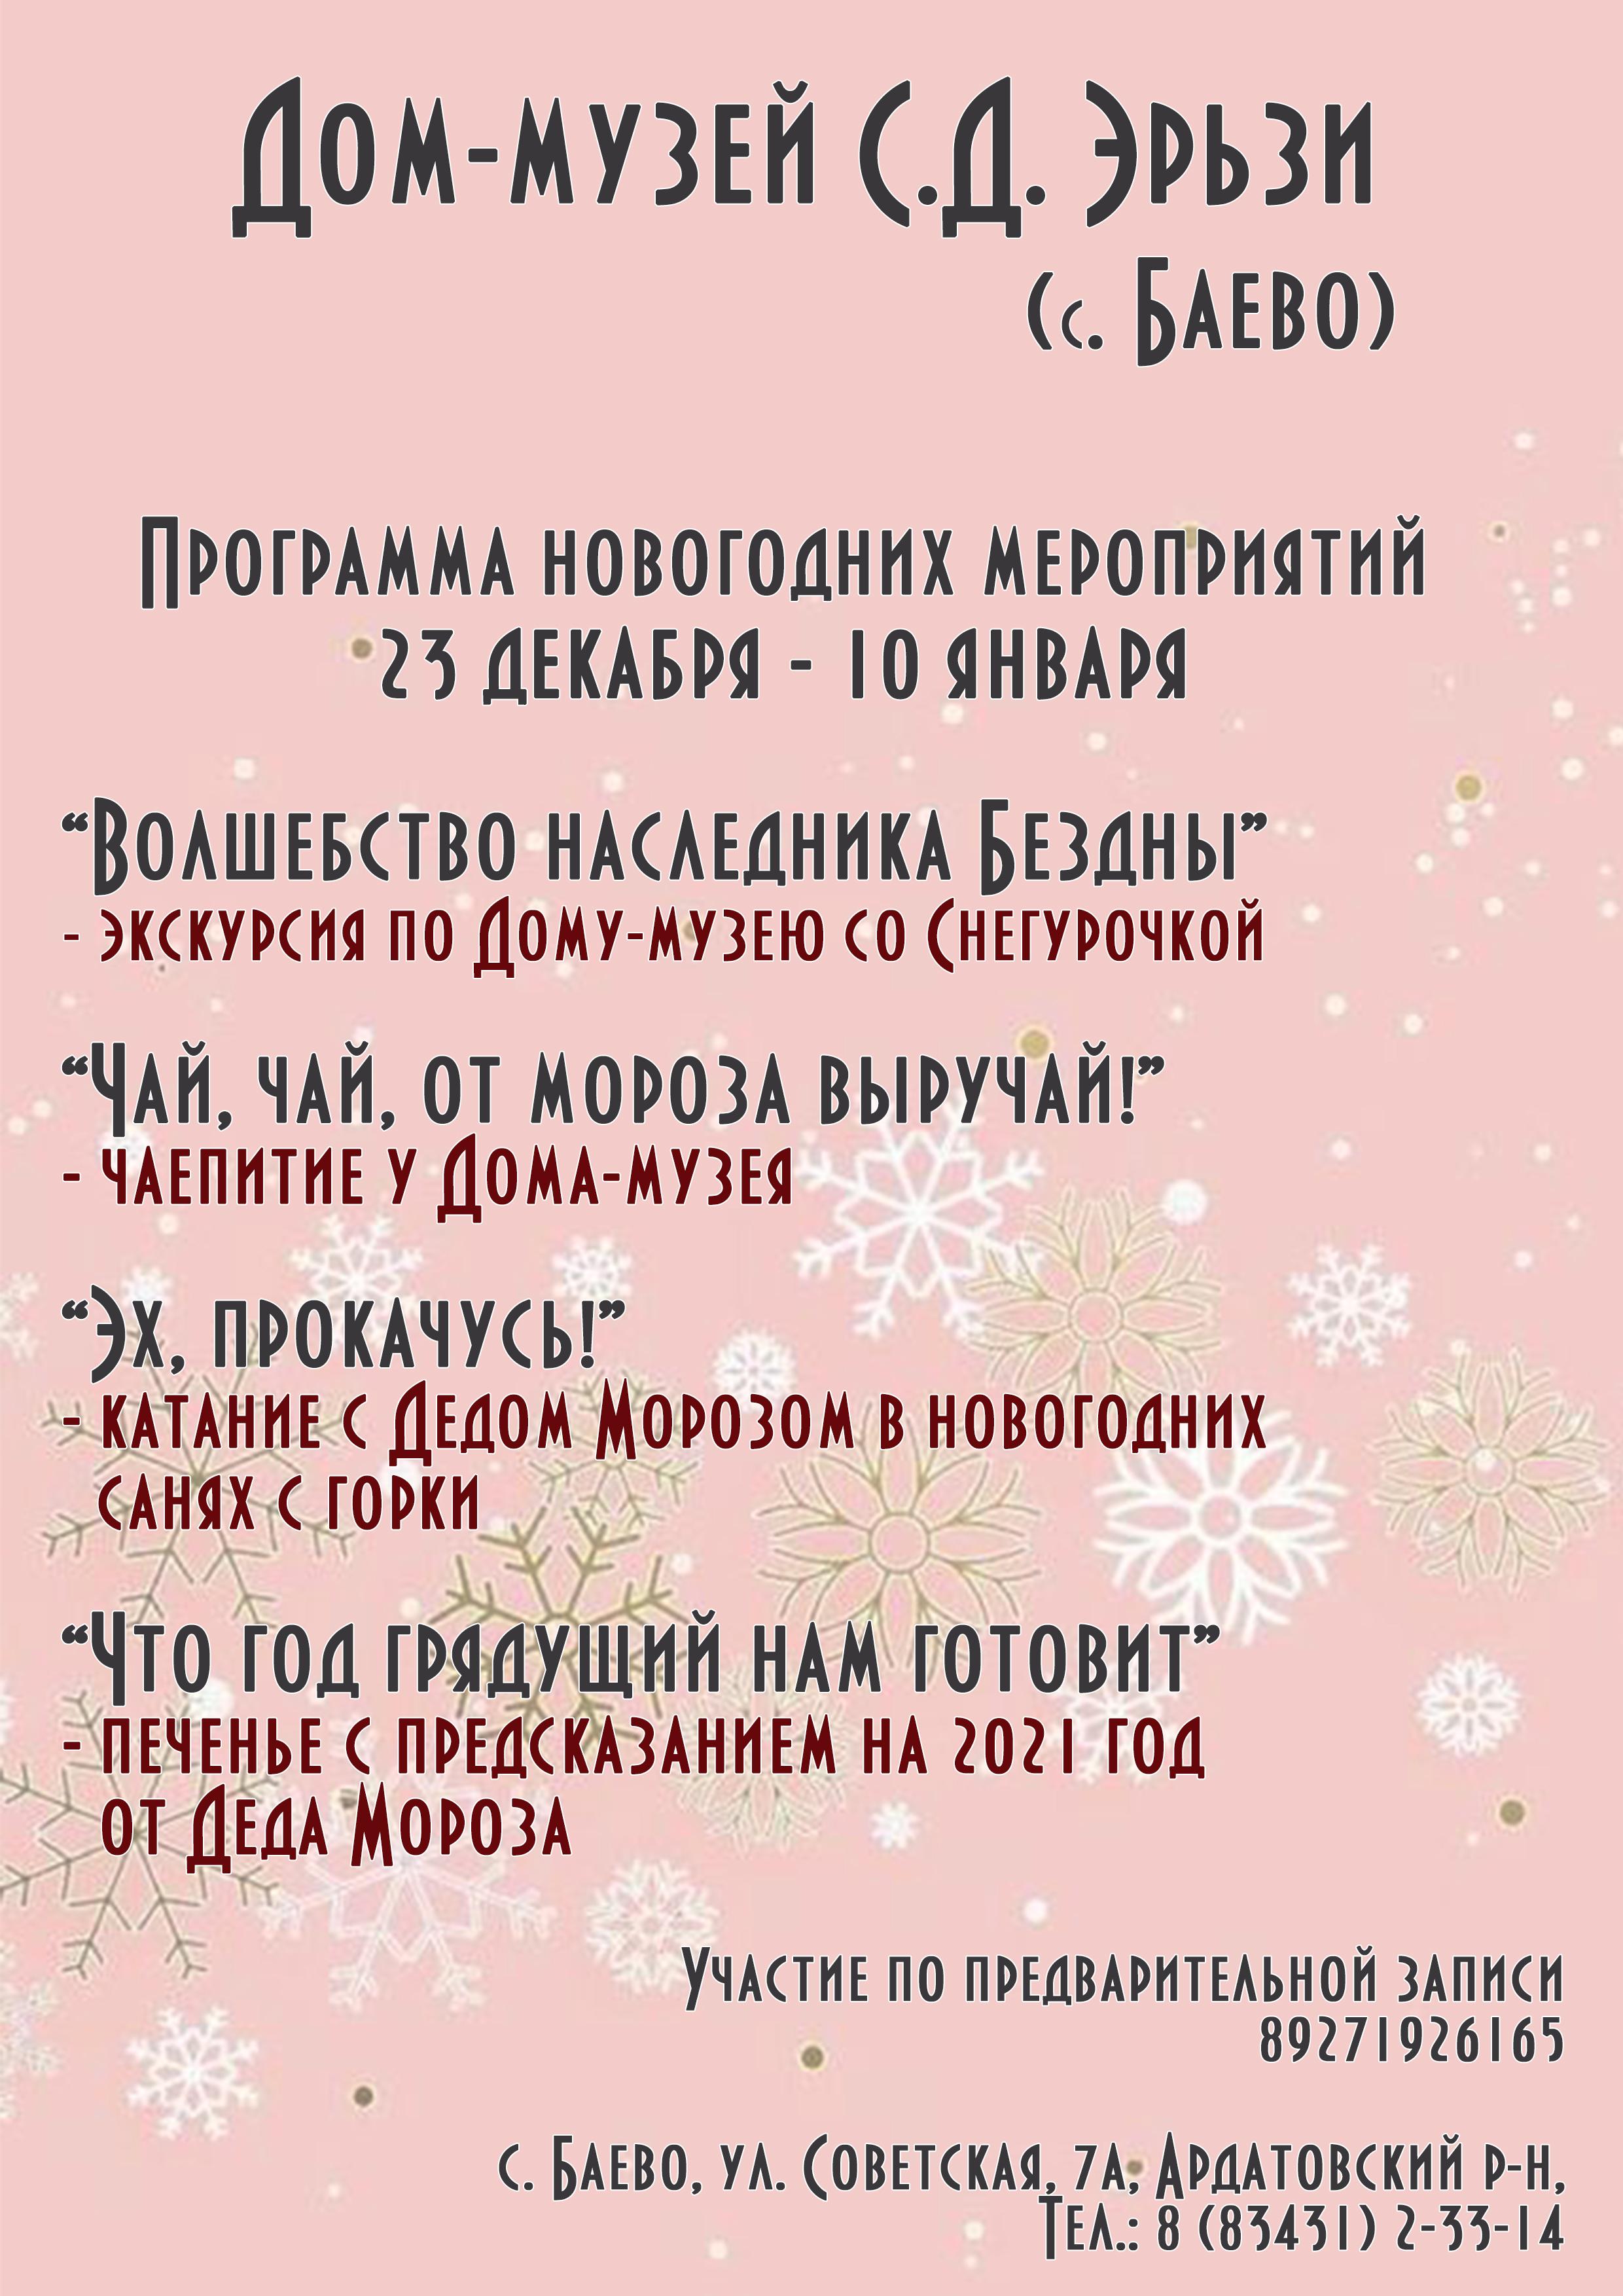 Баево